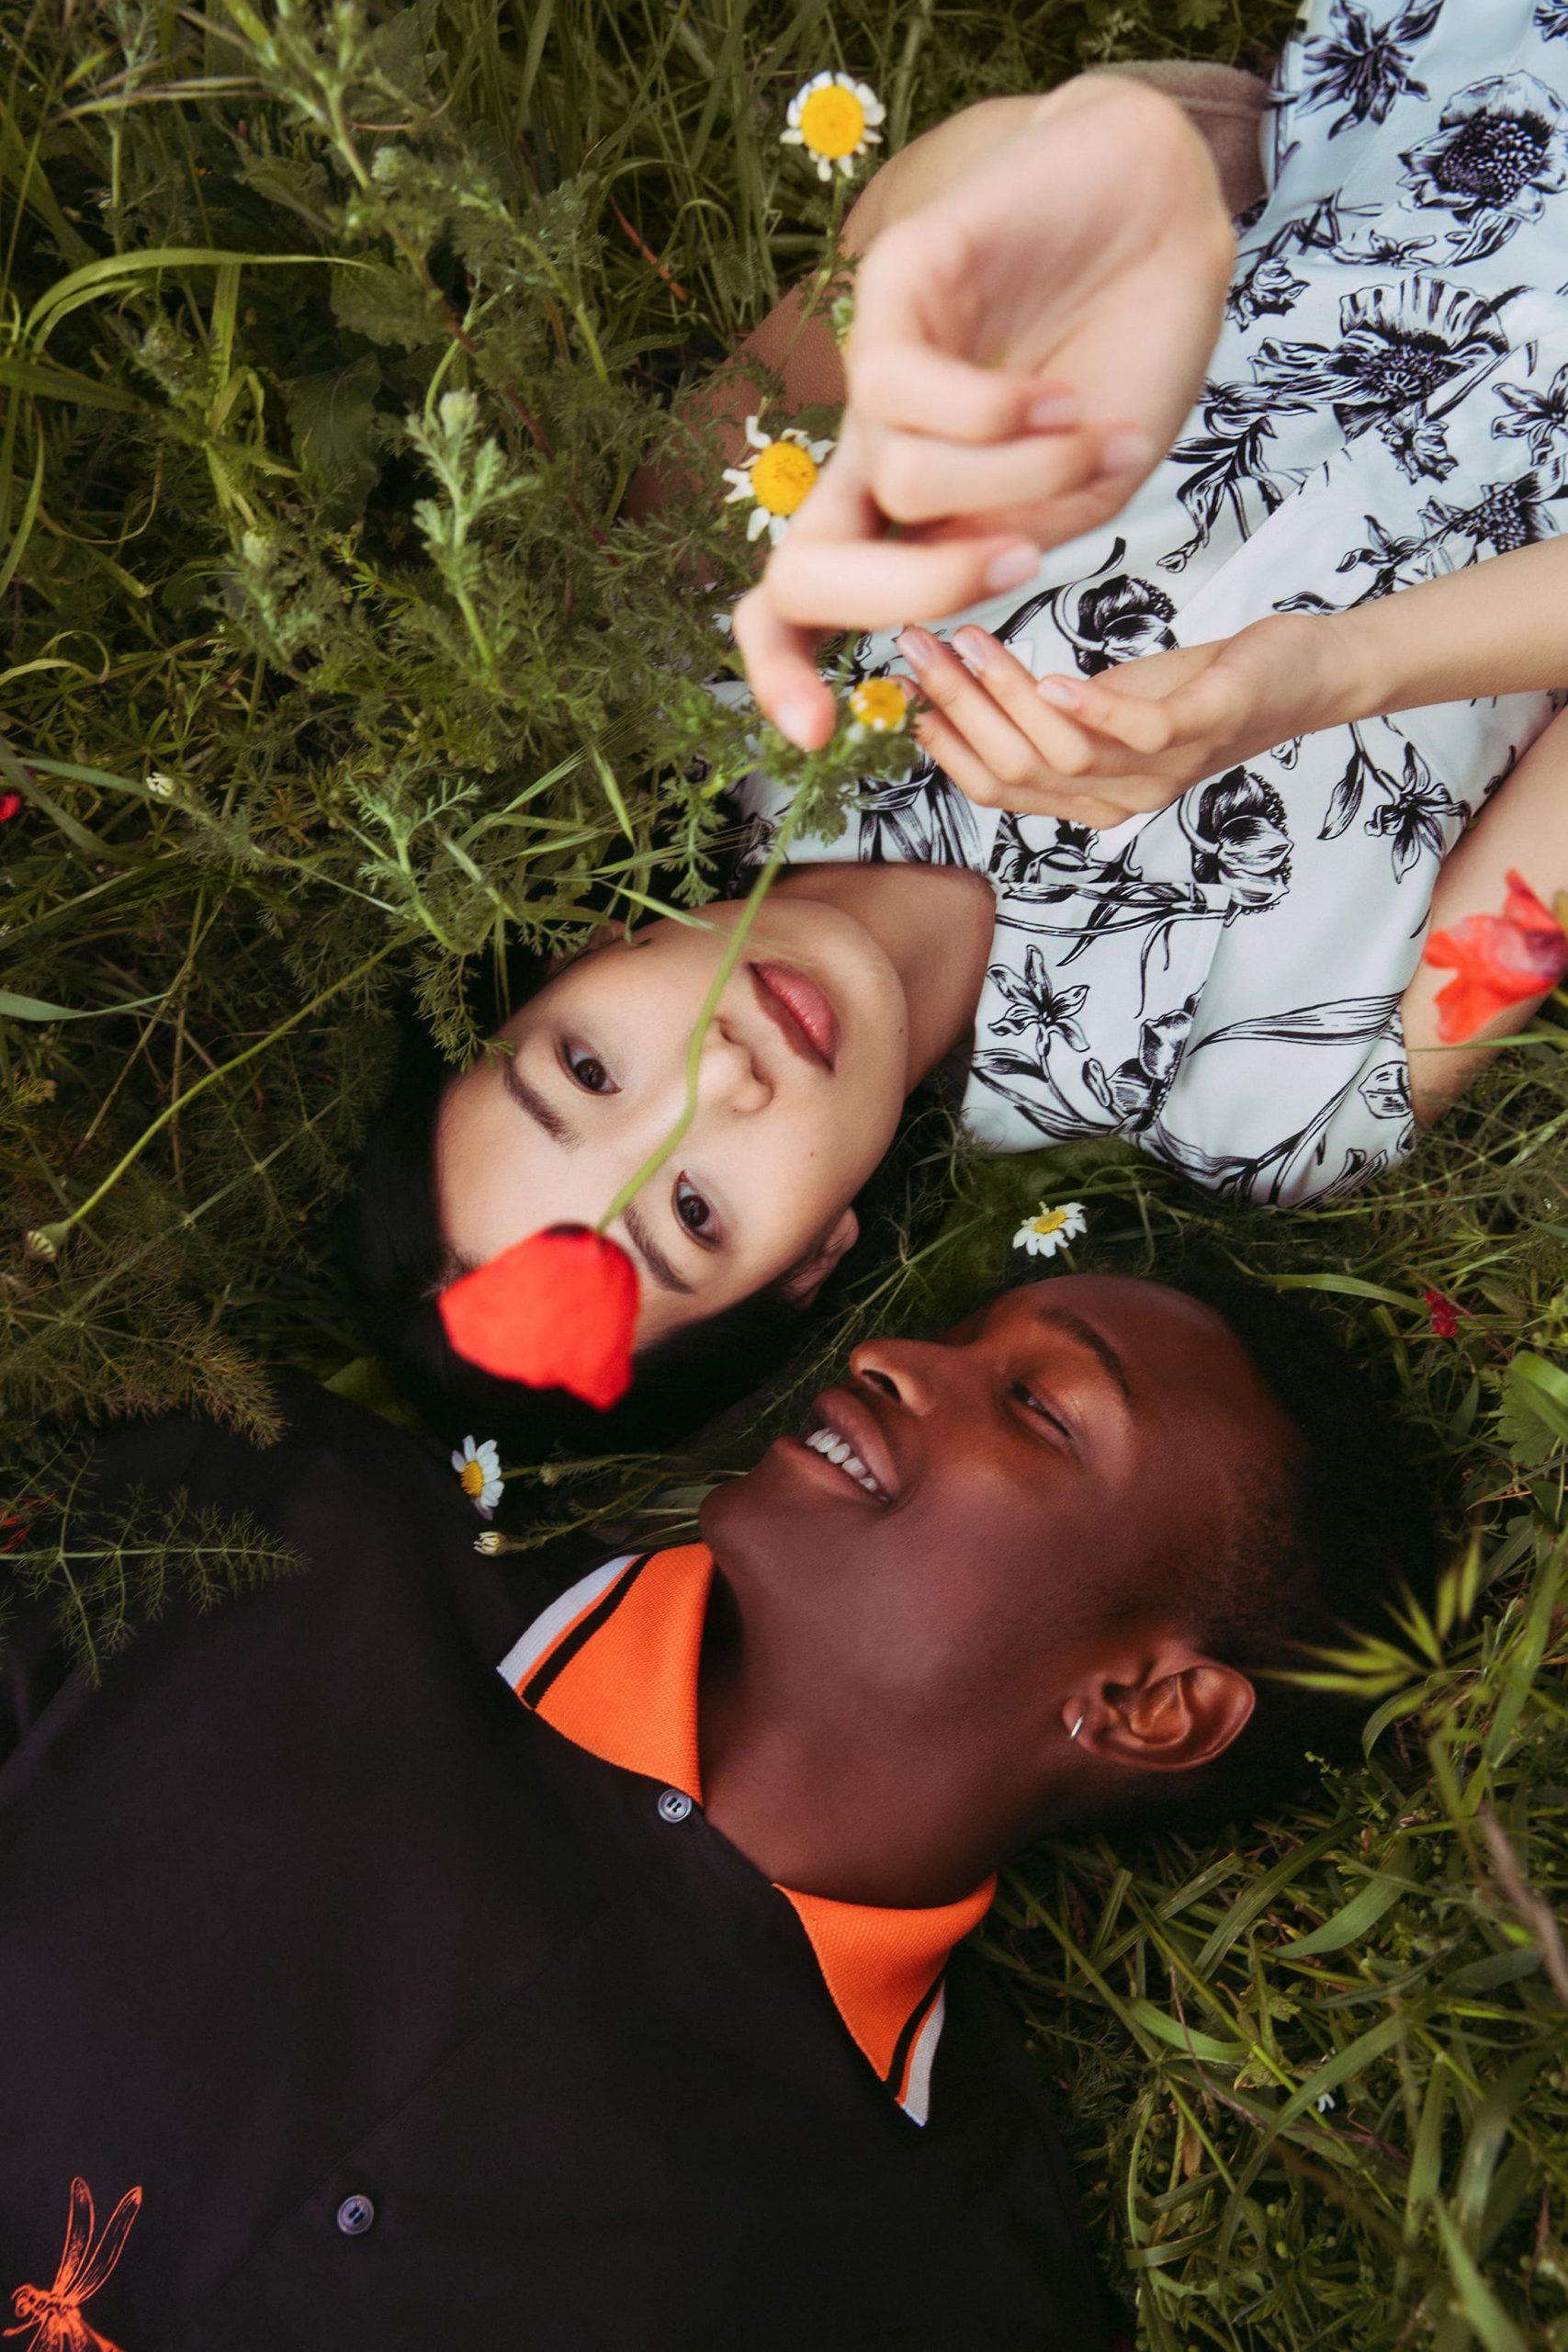 Salvatore Ferragamo 'Tuscan Wildflowers' Pre-Fall 2021 Ad Campaign Photos